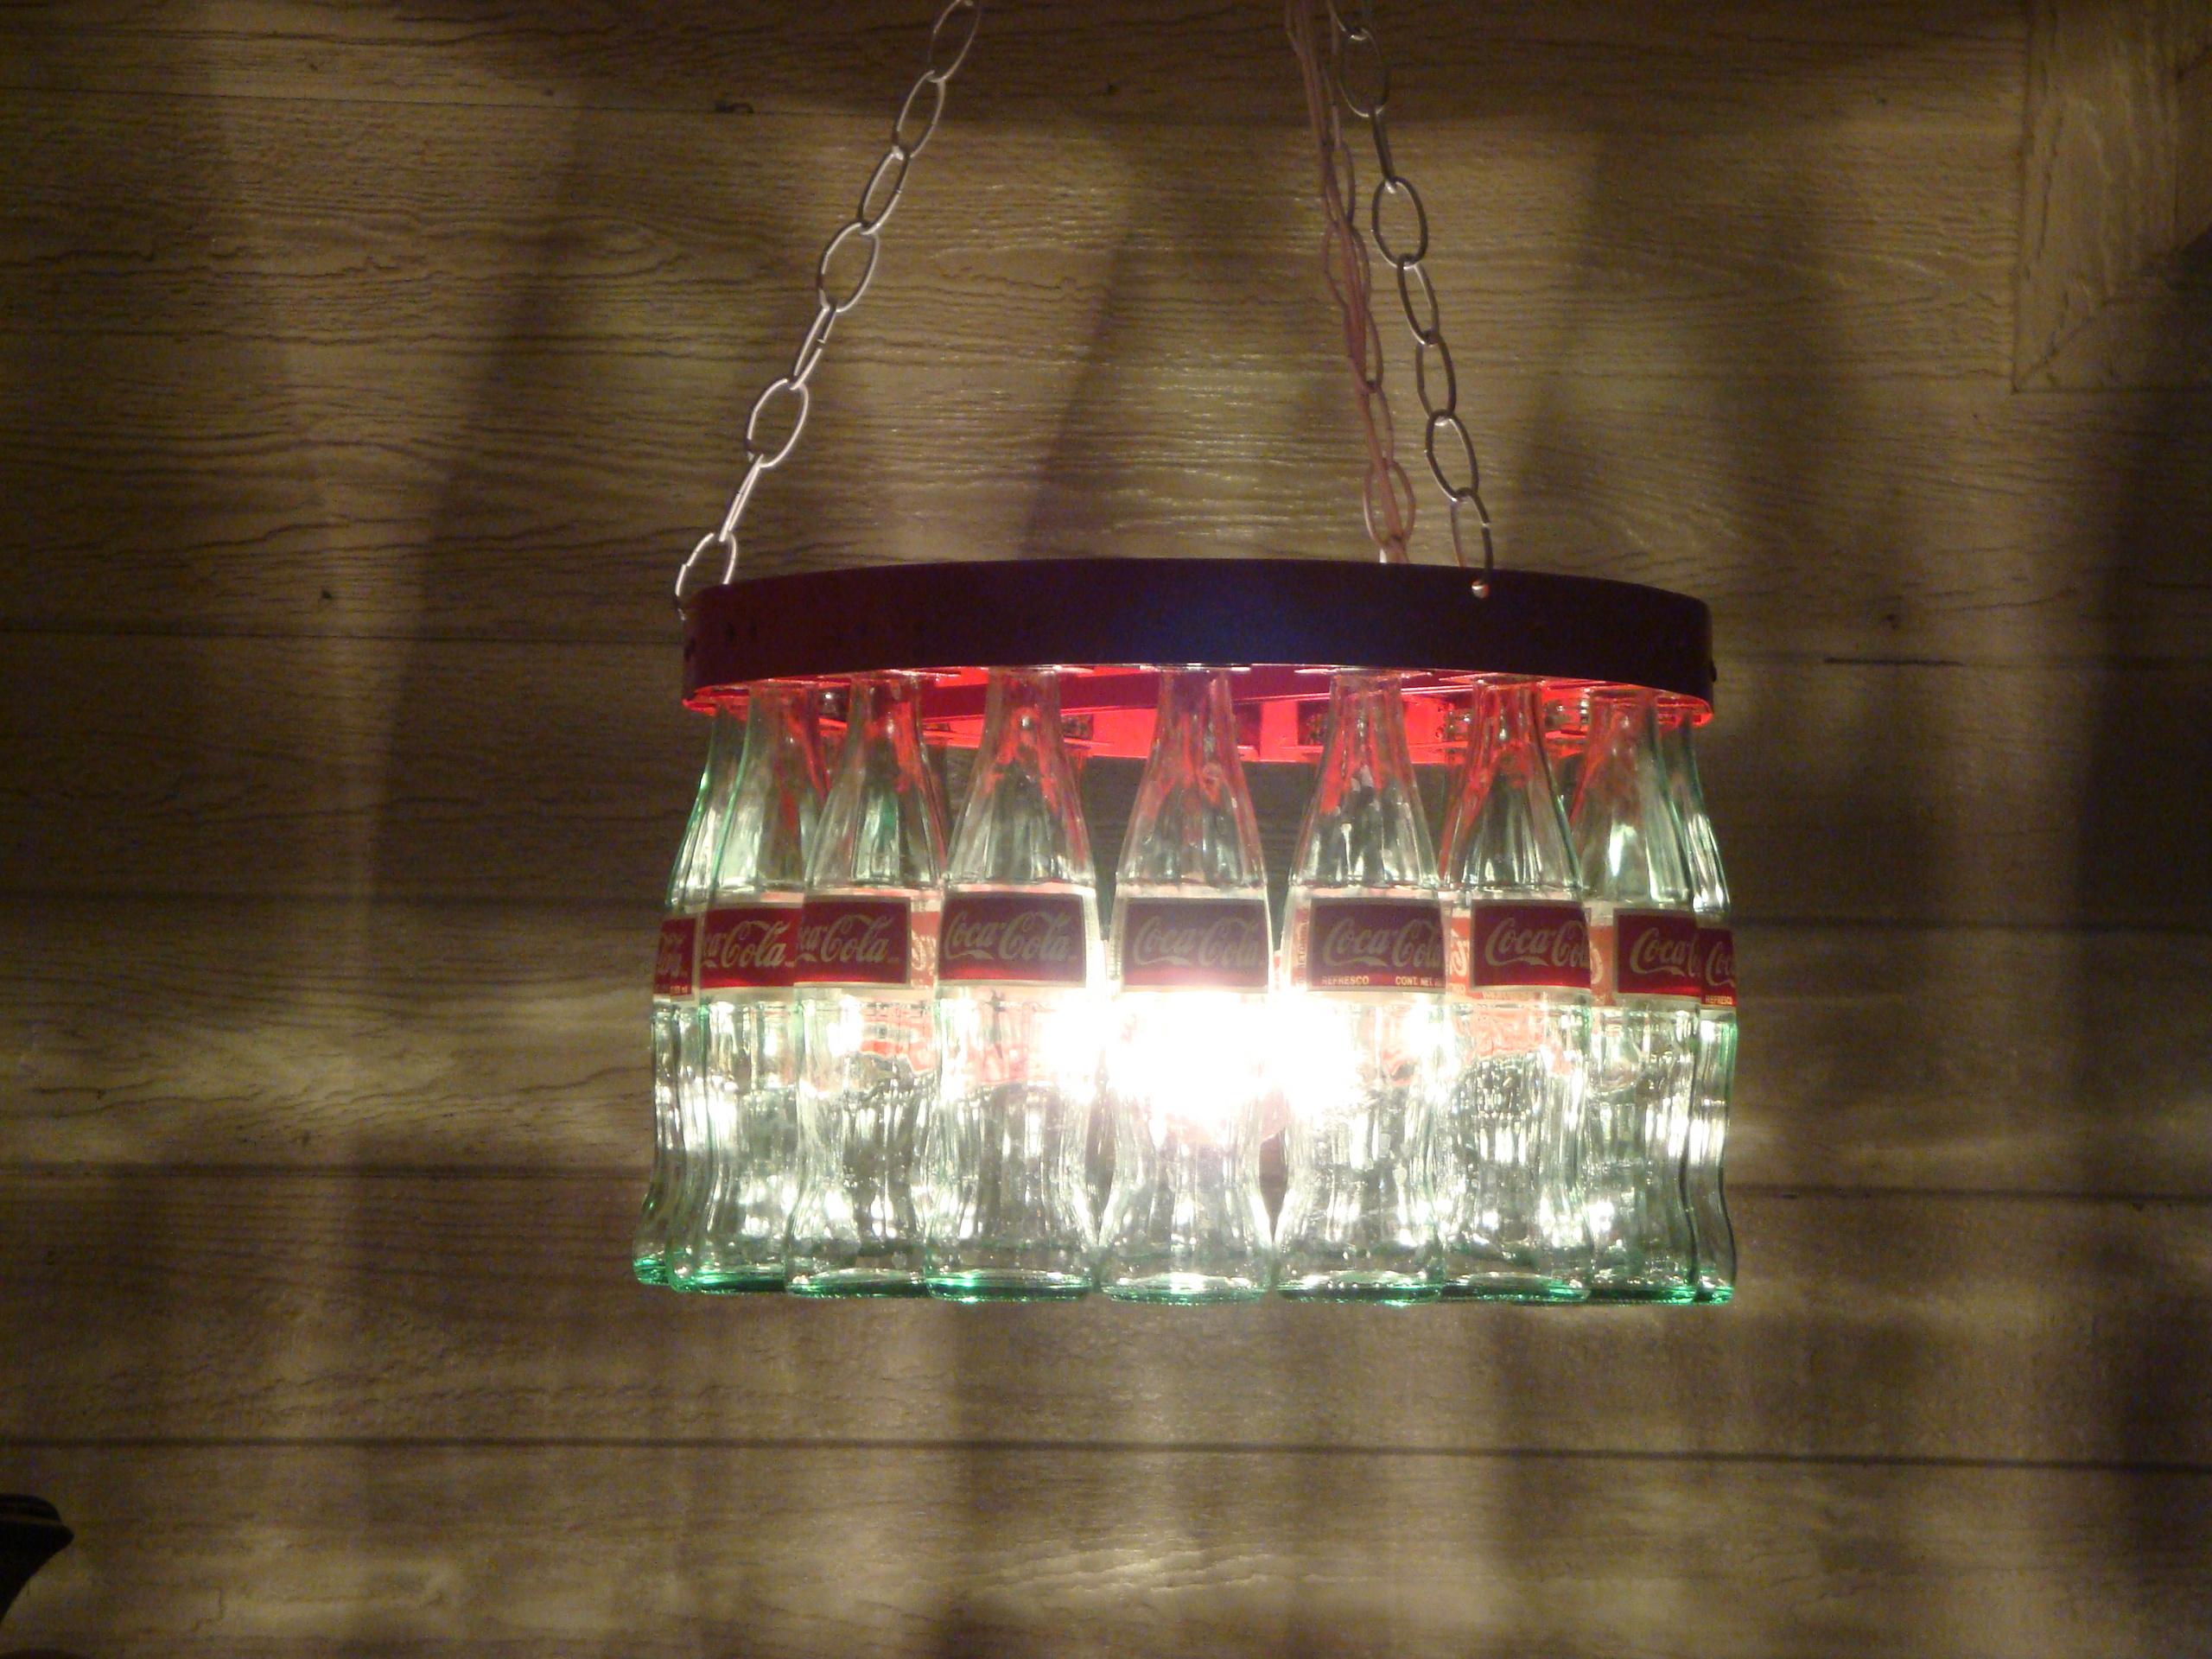 Coke bottle chandelier coke photo 31497481 fanpop - Glass bottle chandelier ...